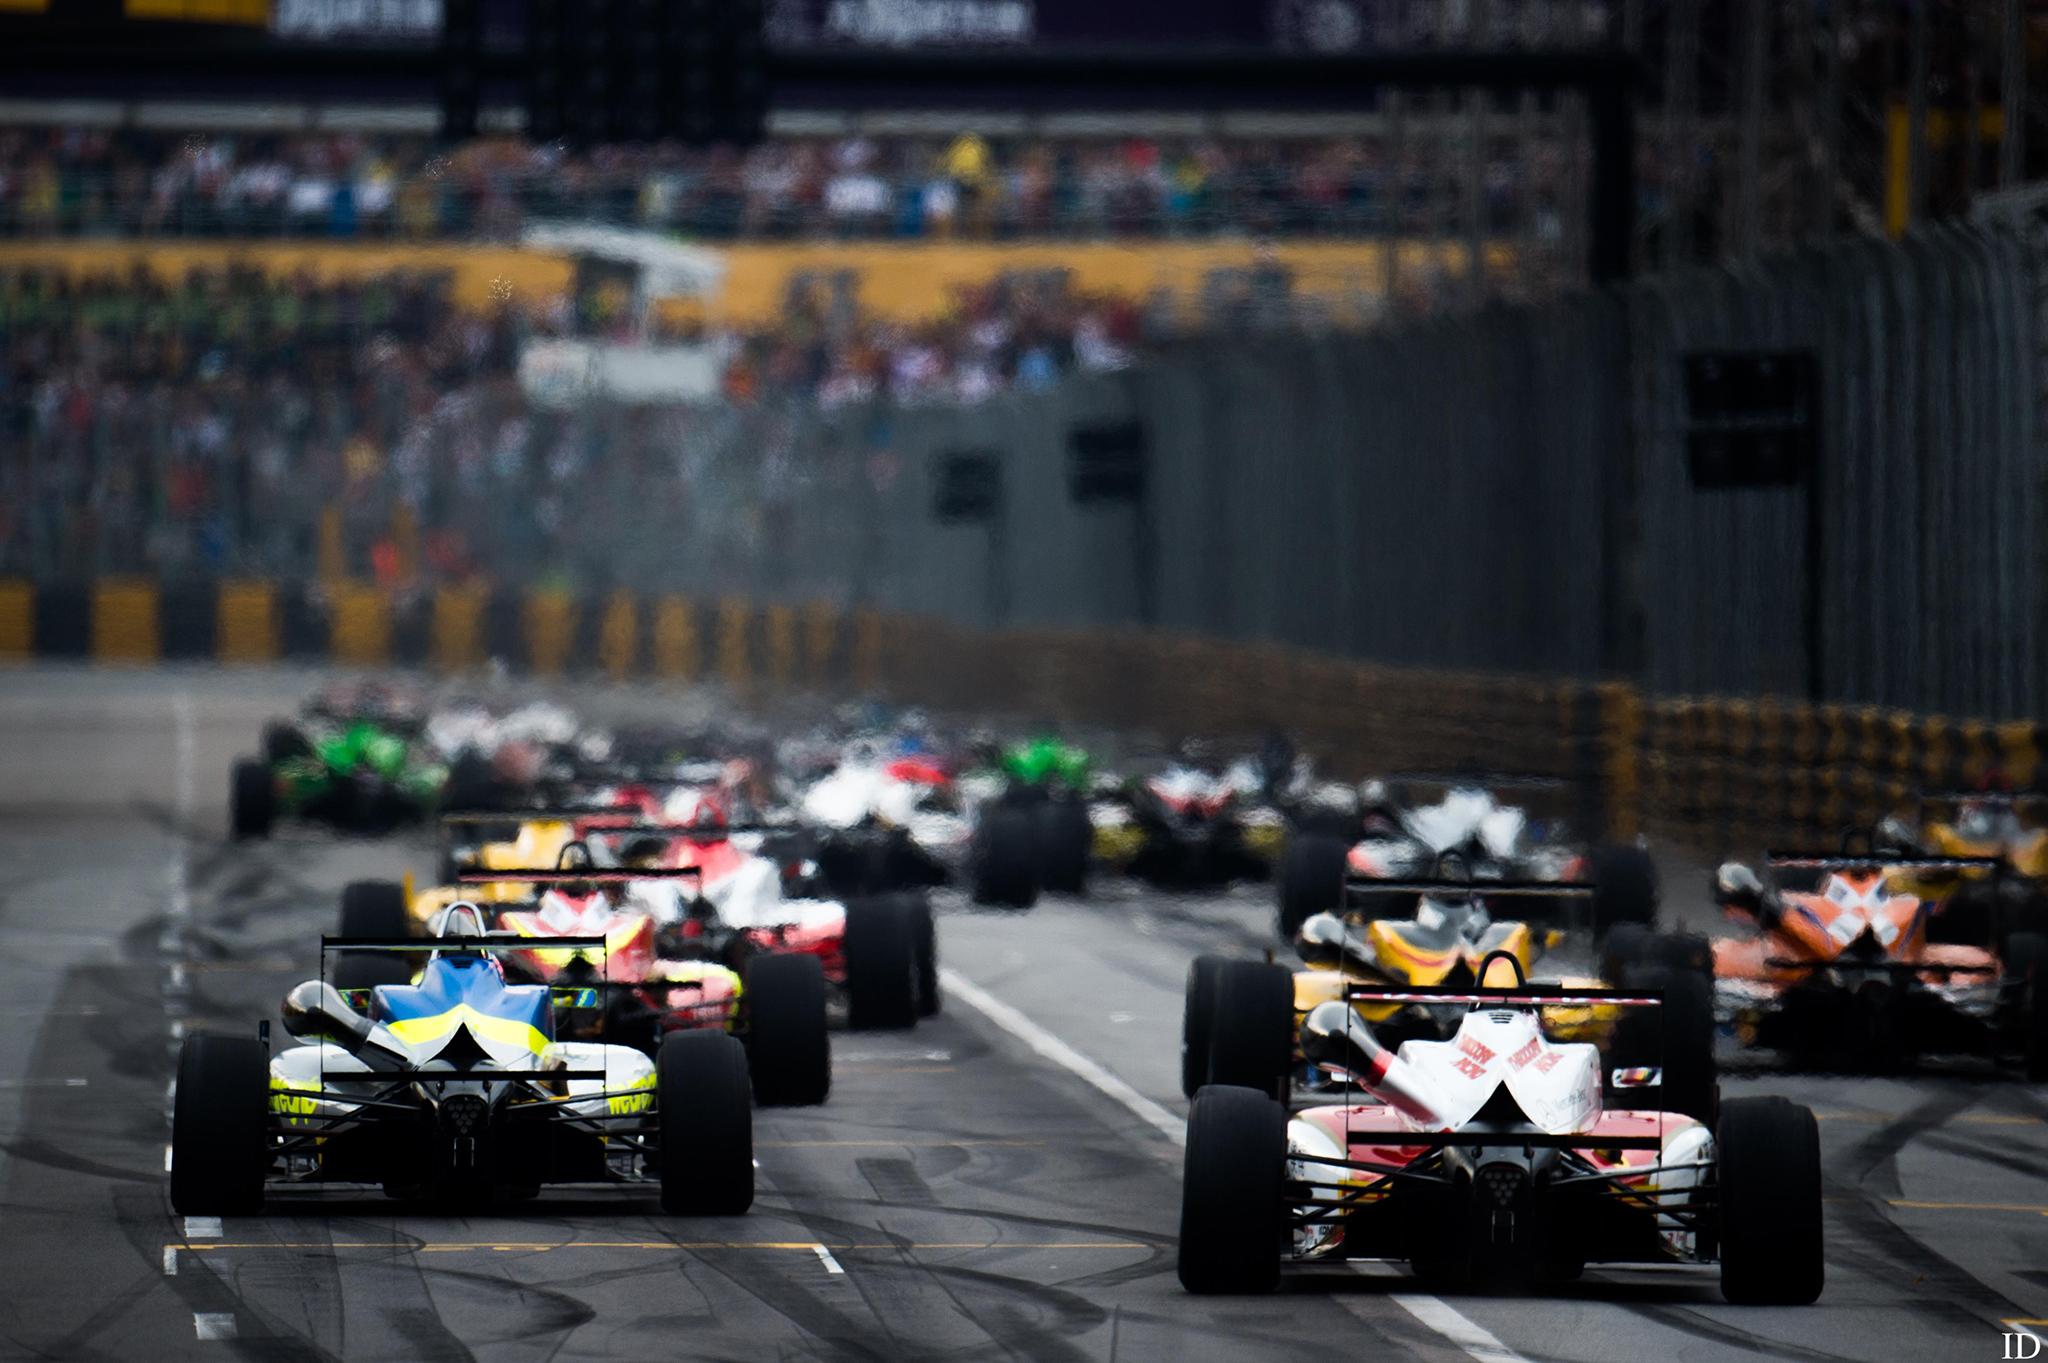 Taça do mundo de F3 da FIA | Poucos mas bons